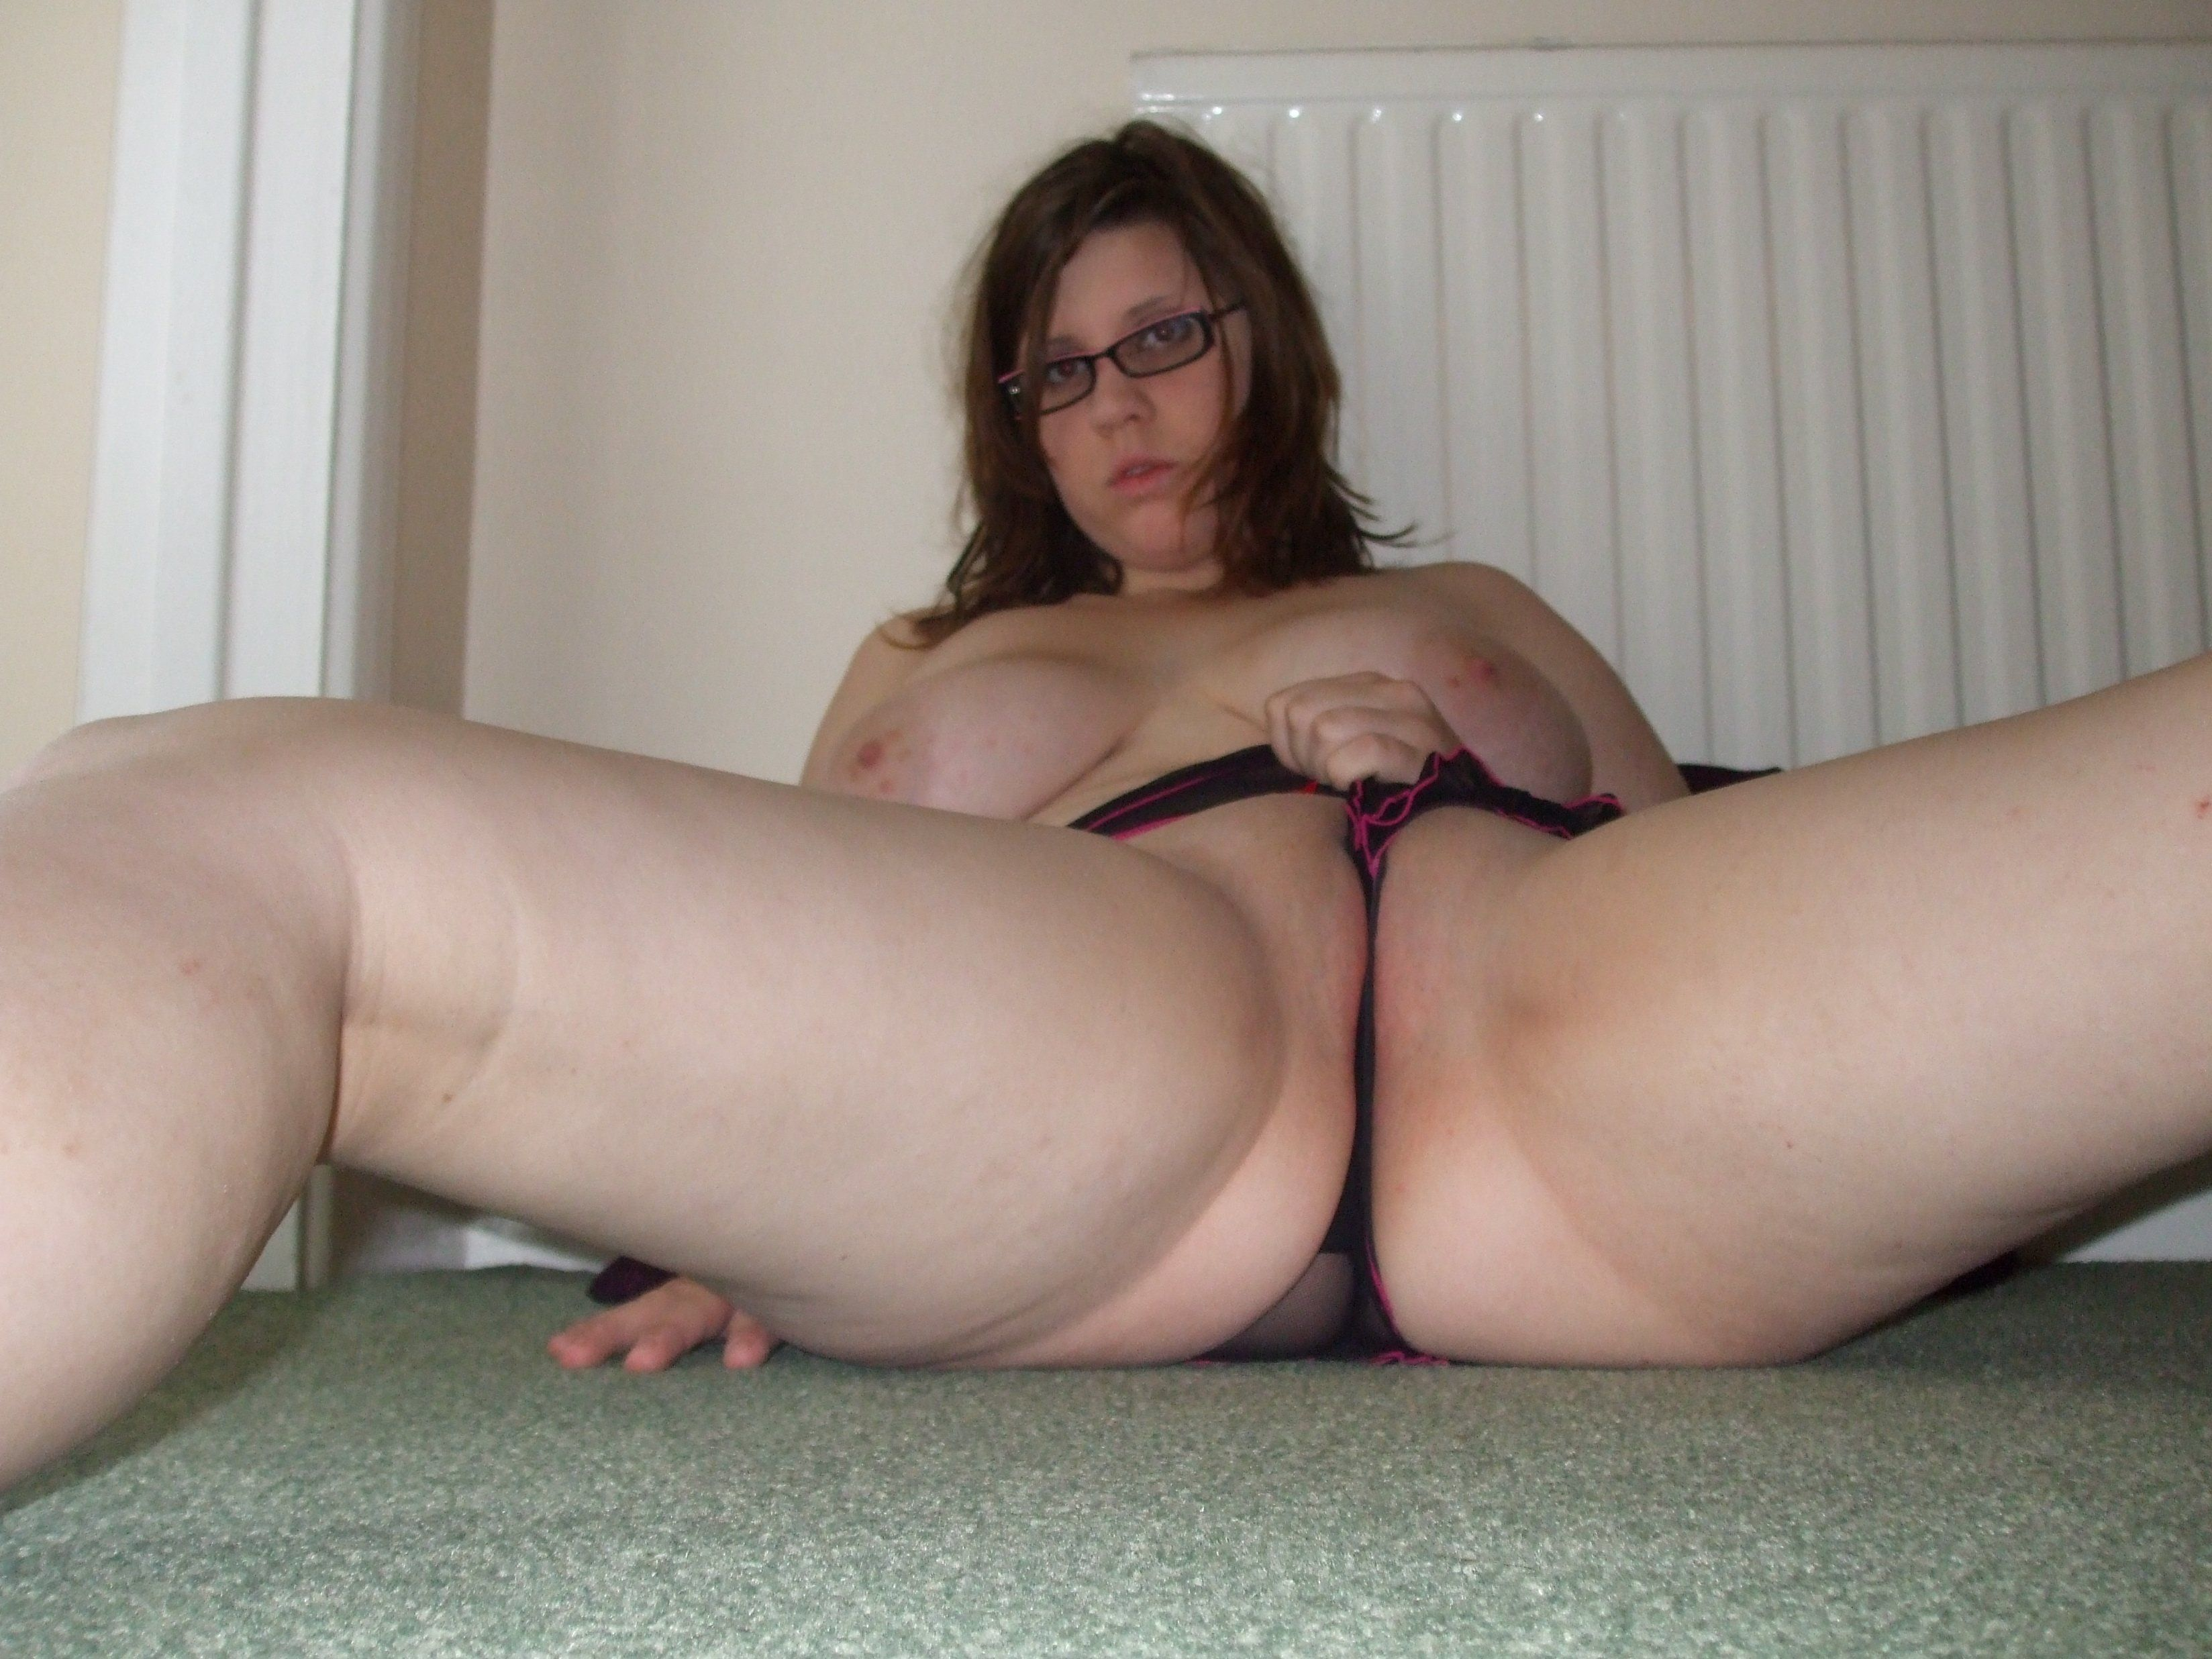 Nude amature fat girl